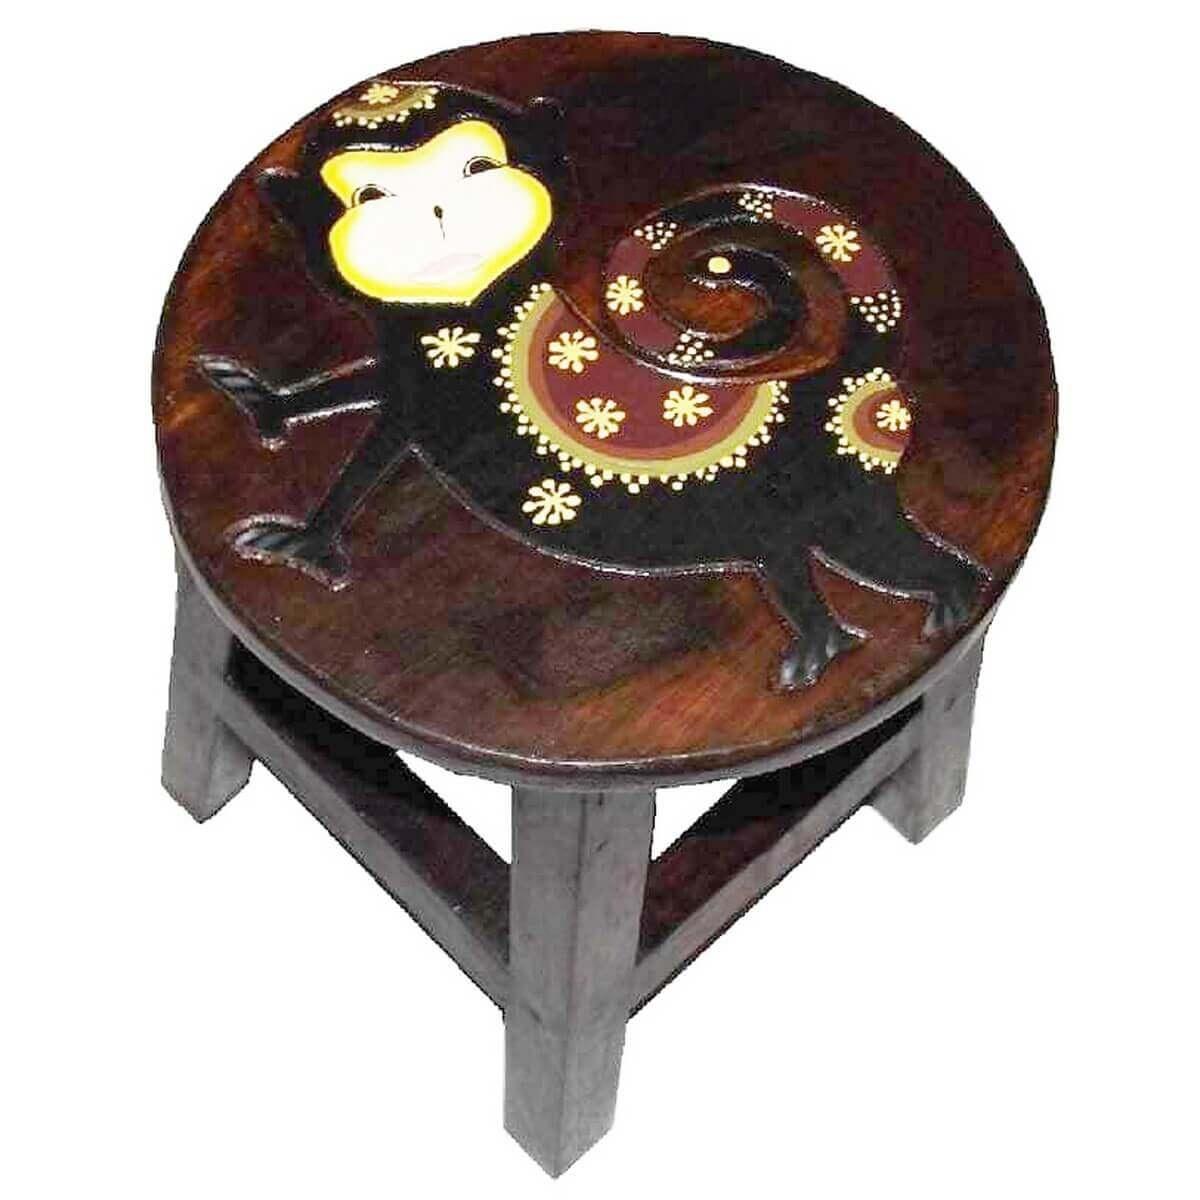 holzhocker kinderhocker hocker sitzhocker fu bank massivholz stuhl tier braun ebay. Black Bedroom Furniture Sets. Home Design Ideas